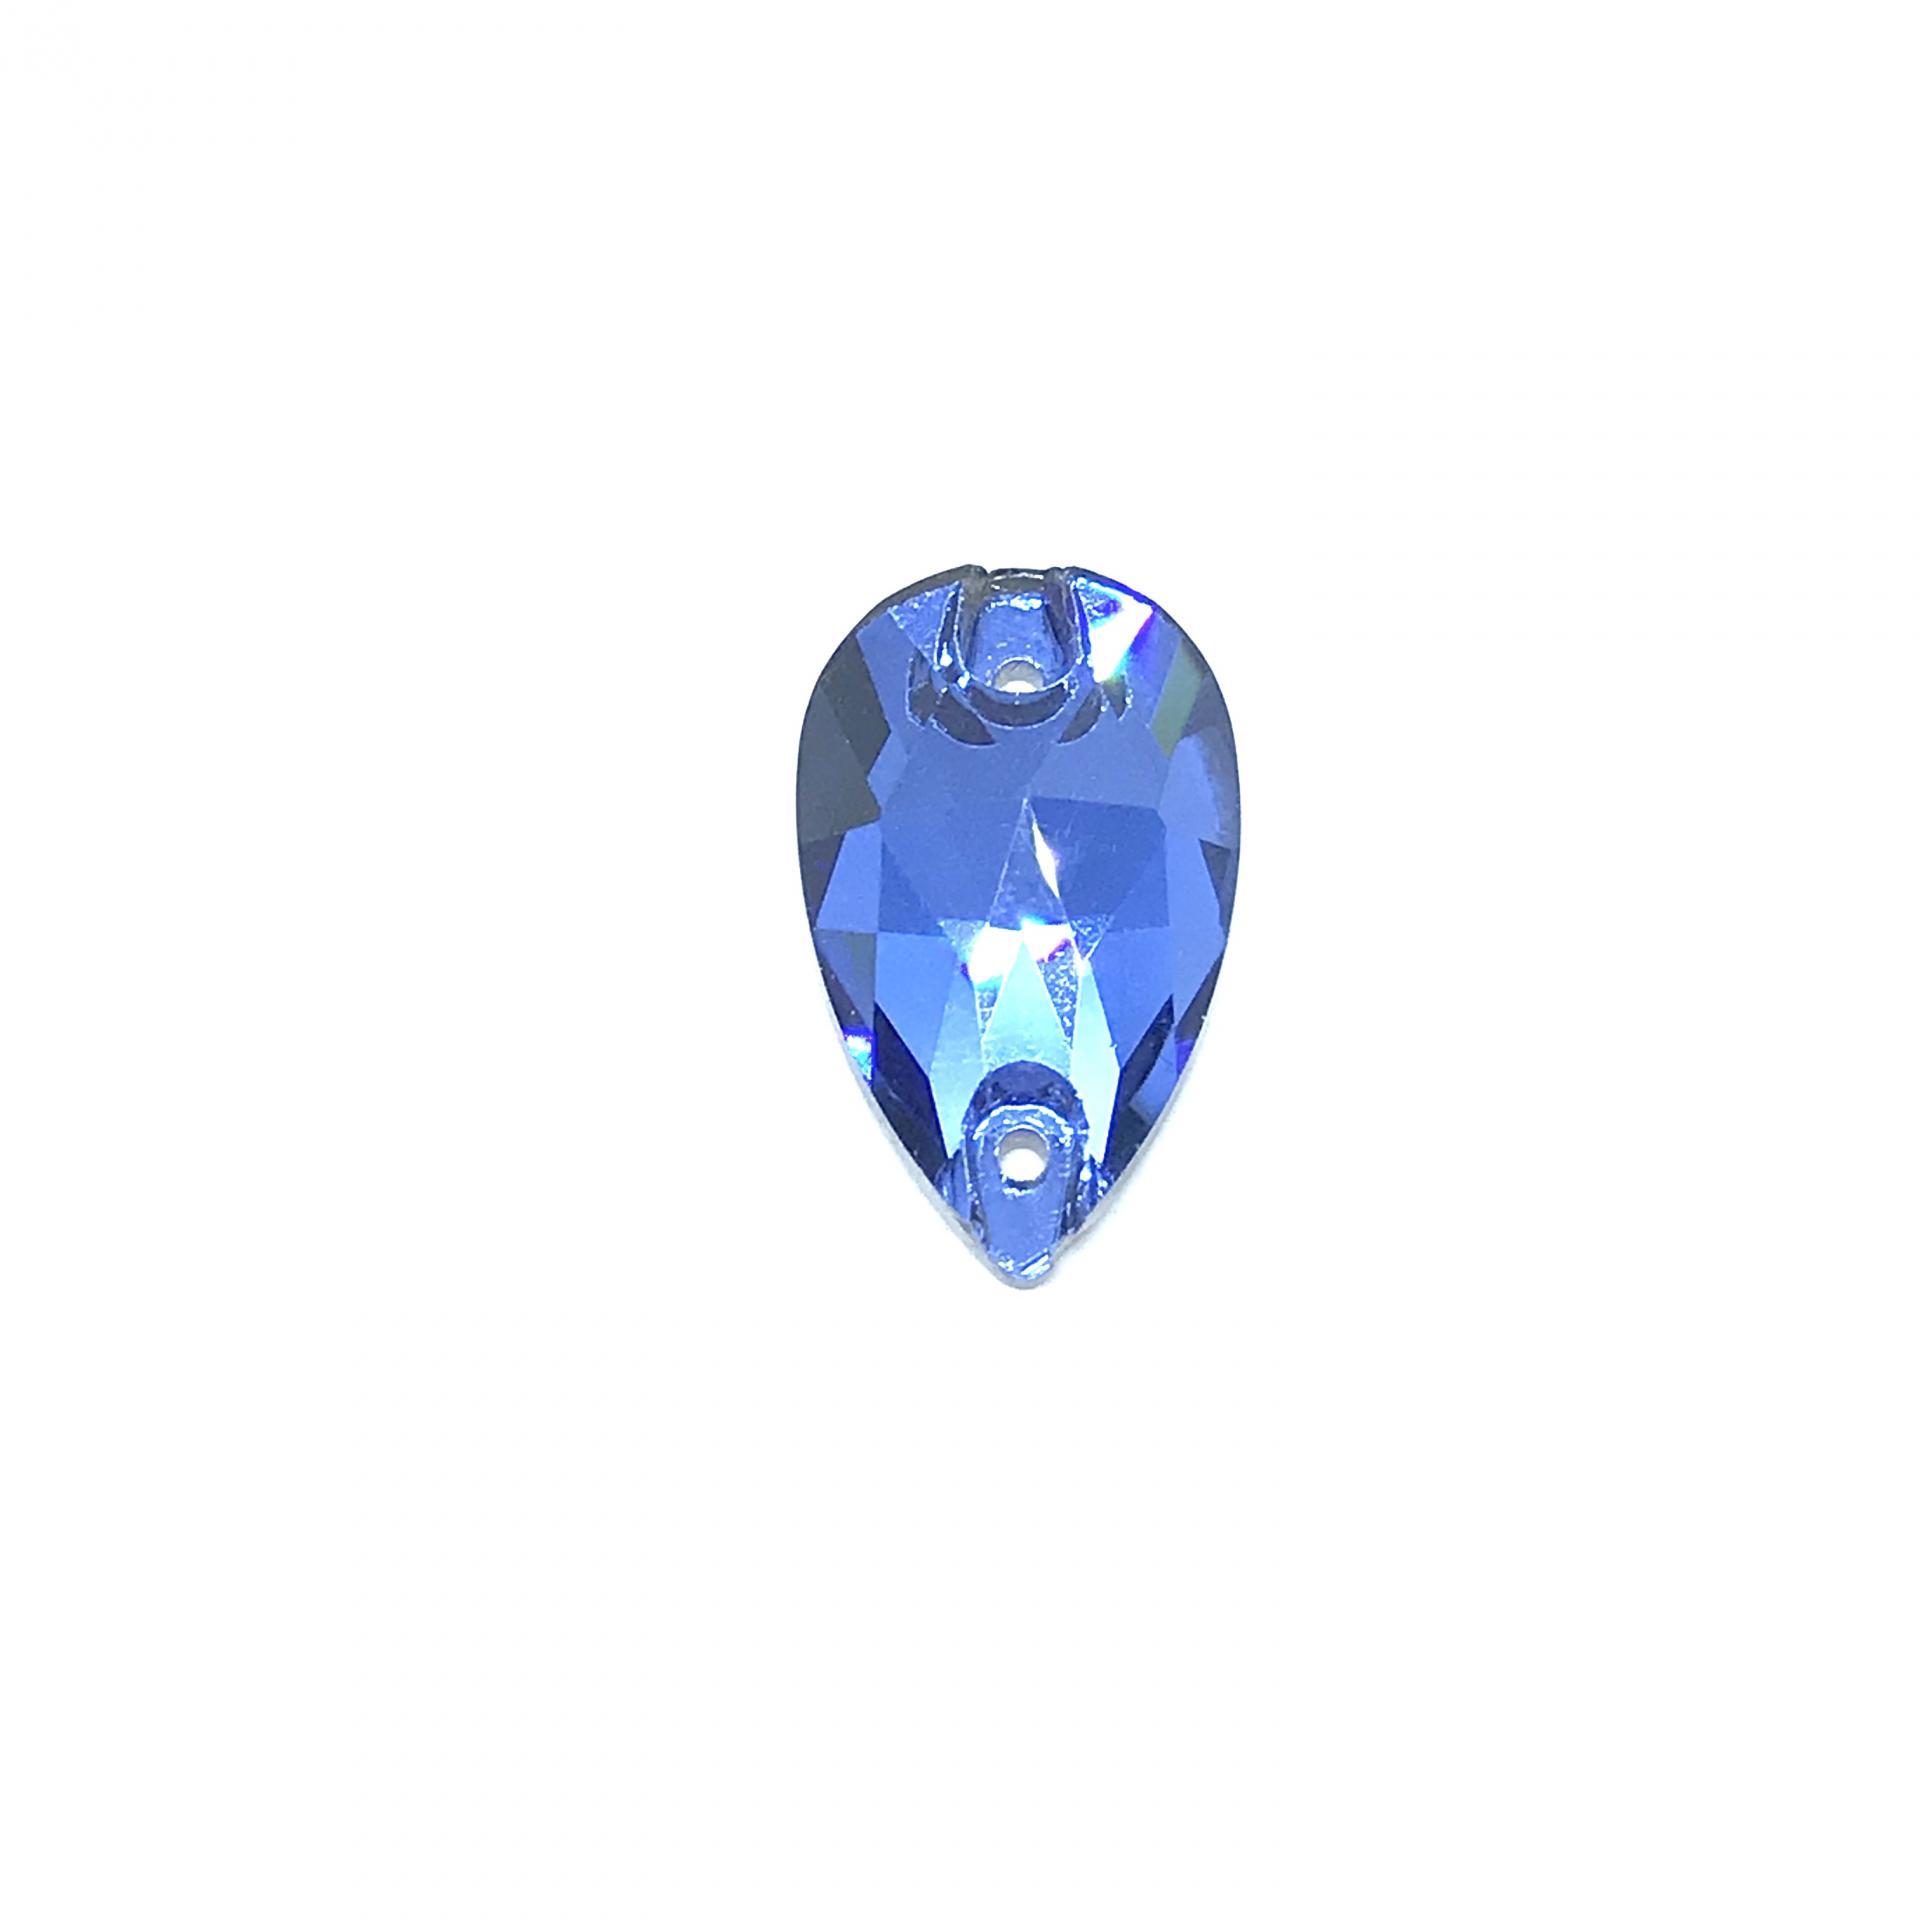 Pierre a coudre en verre cristal saphir light 10 18 8065